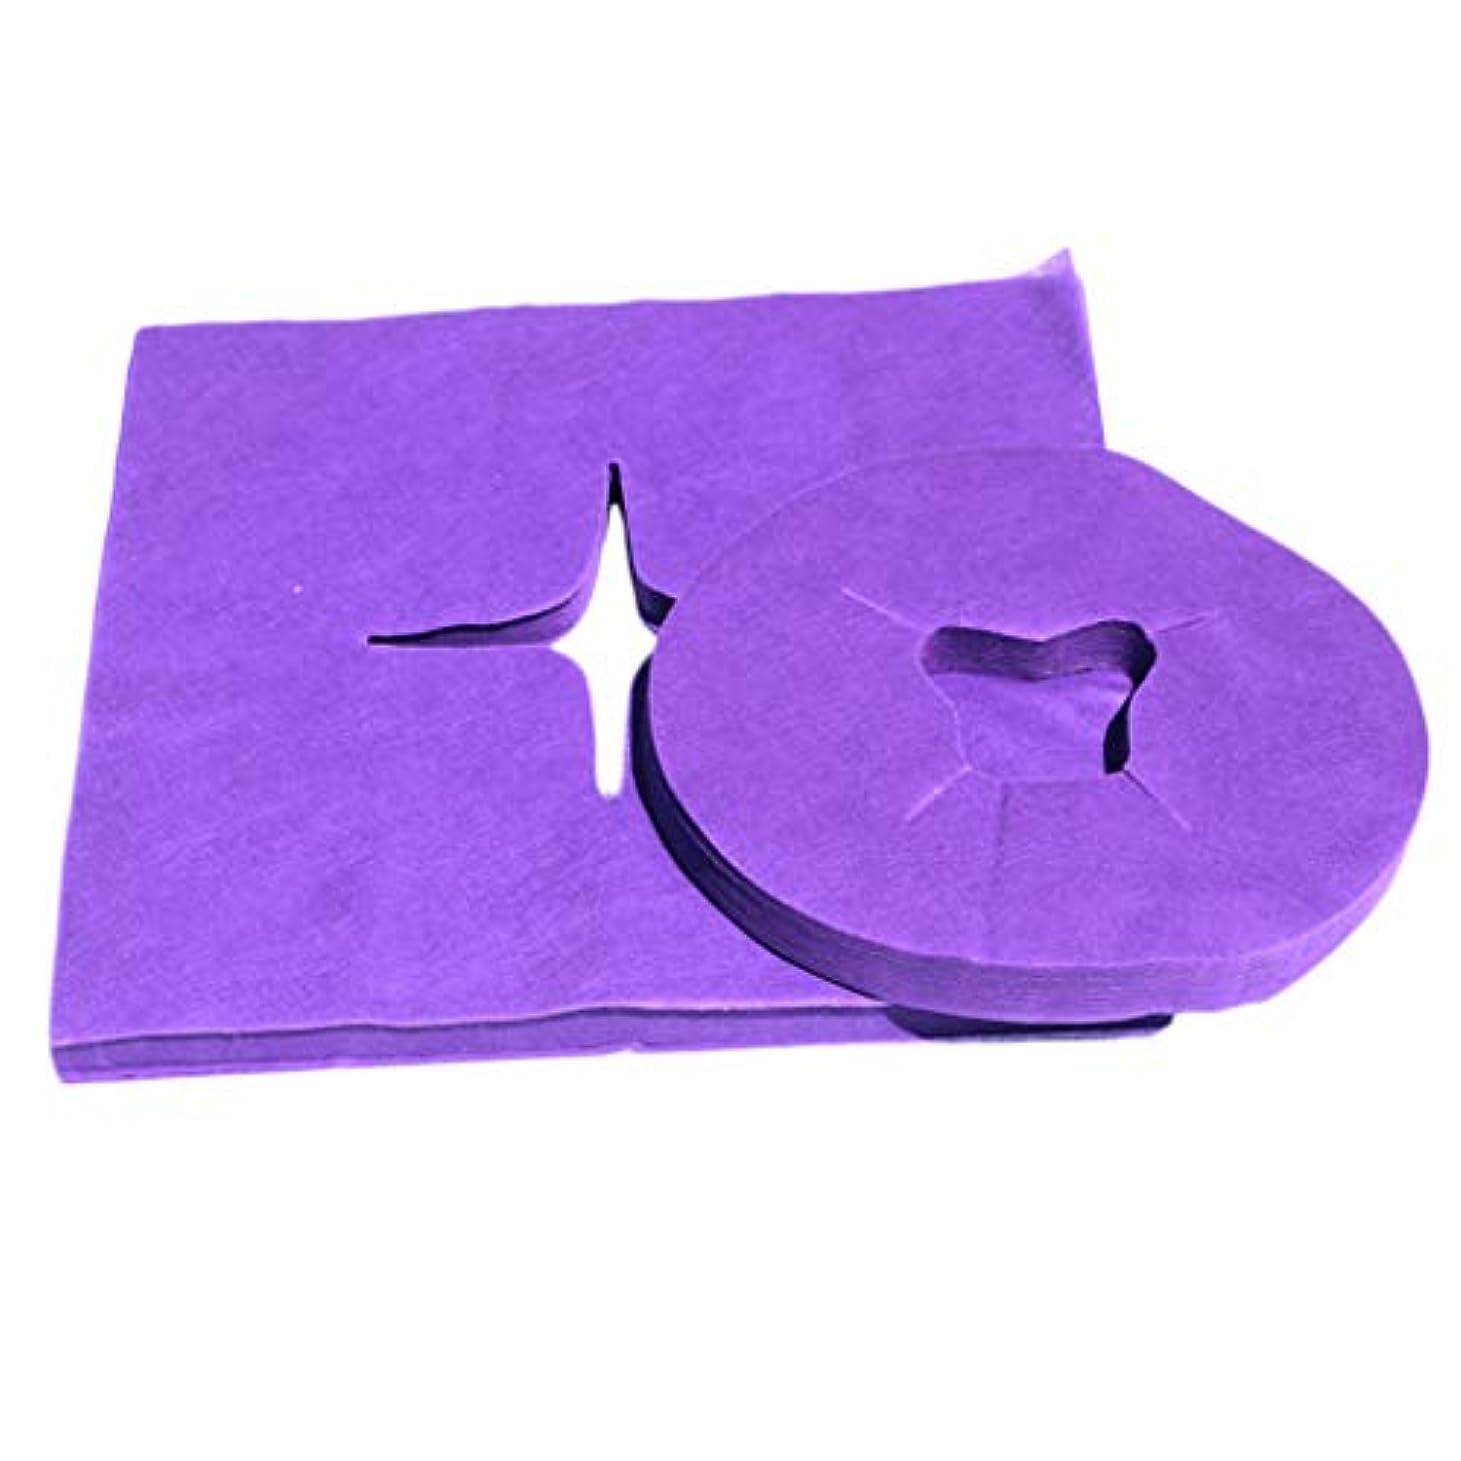 より作成者噛むdailymall 200個の使い捨てフェイスクレードルカバー-マッサージテーブルチェア用の超ソフト、非粘着マッサージフェイスカバーとヘッドレストカバー - 紫の